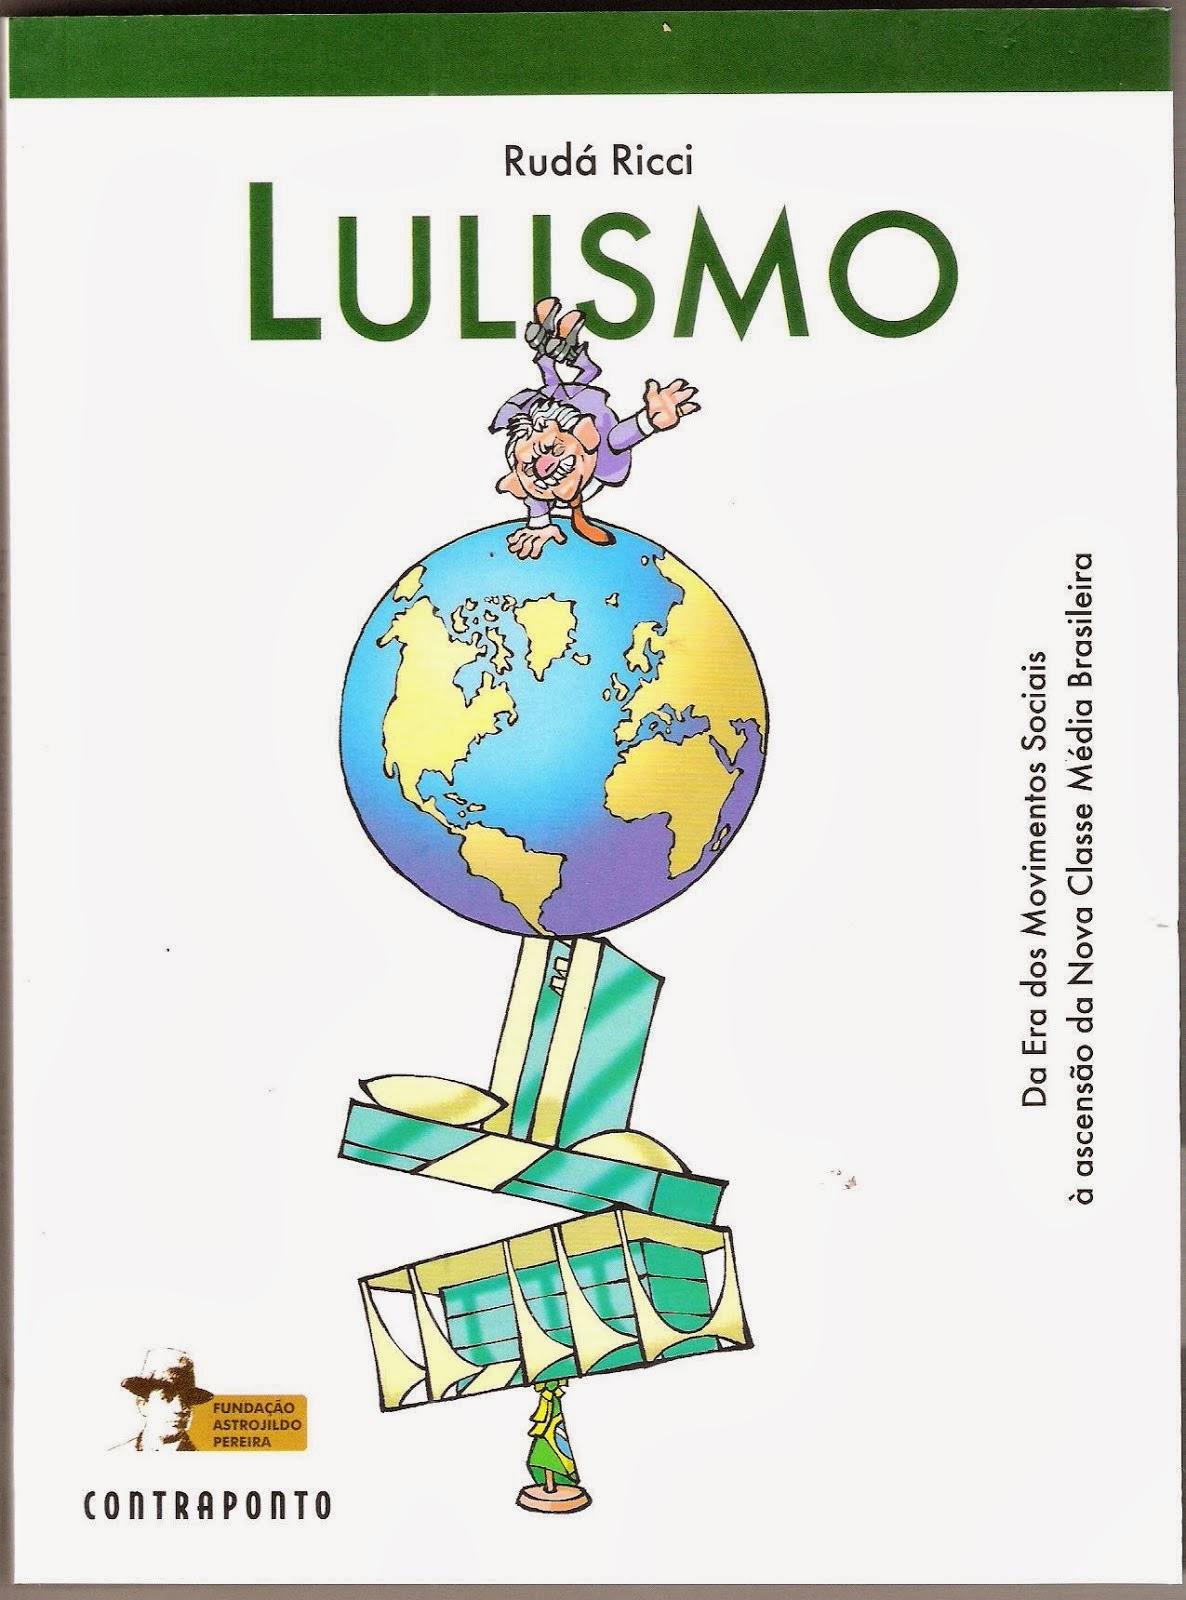 LIVRO LULISMO 2a EDIÇÃO